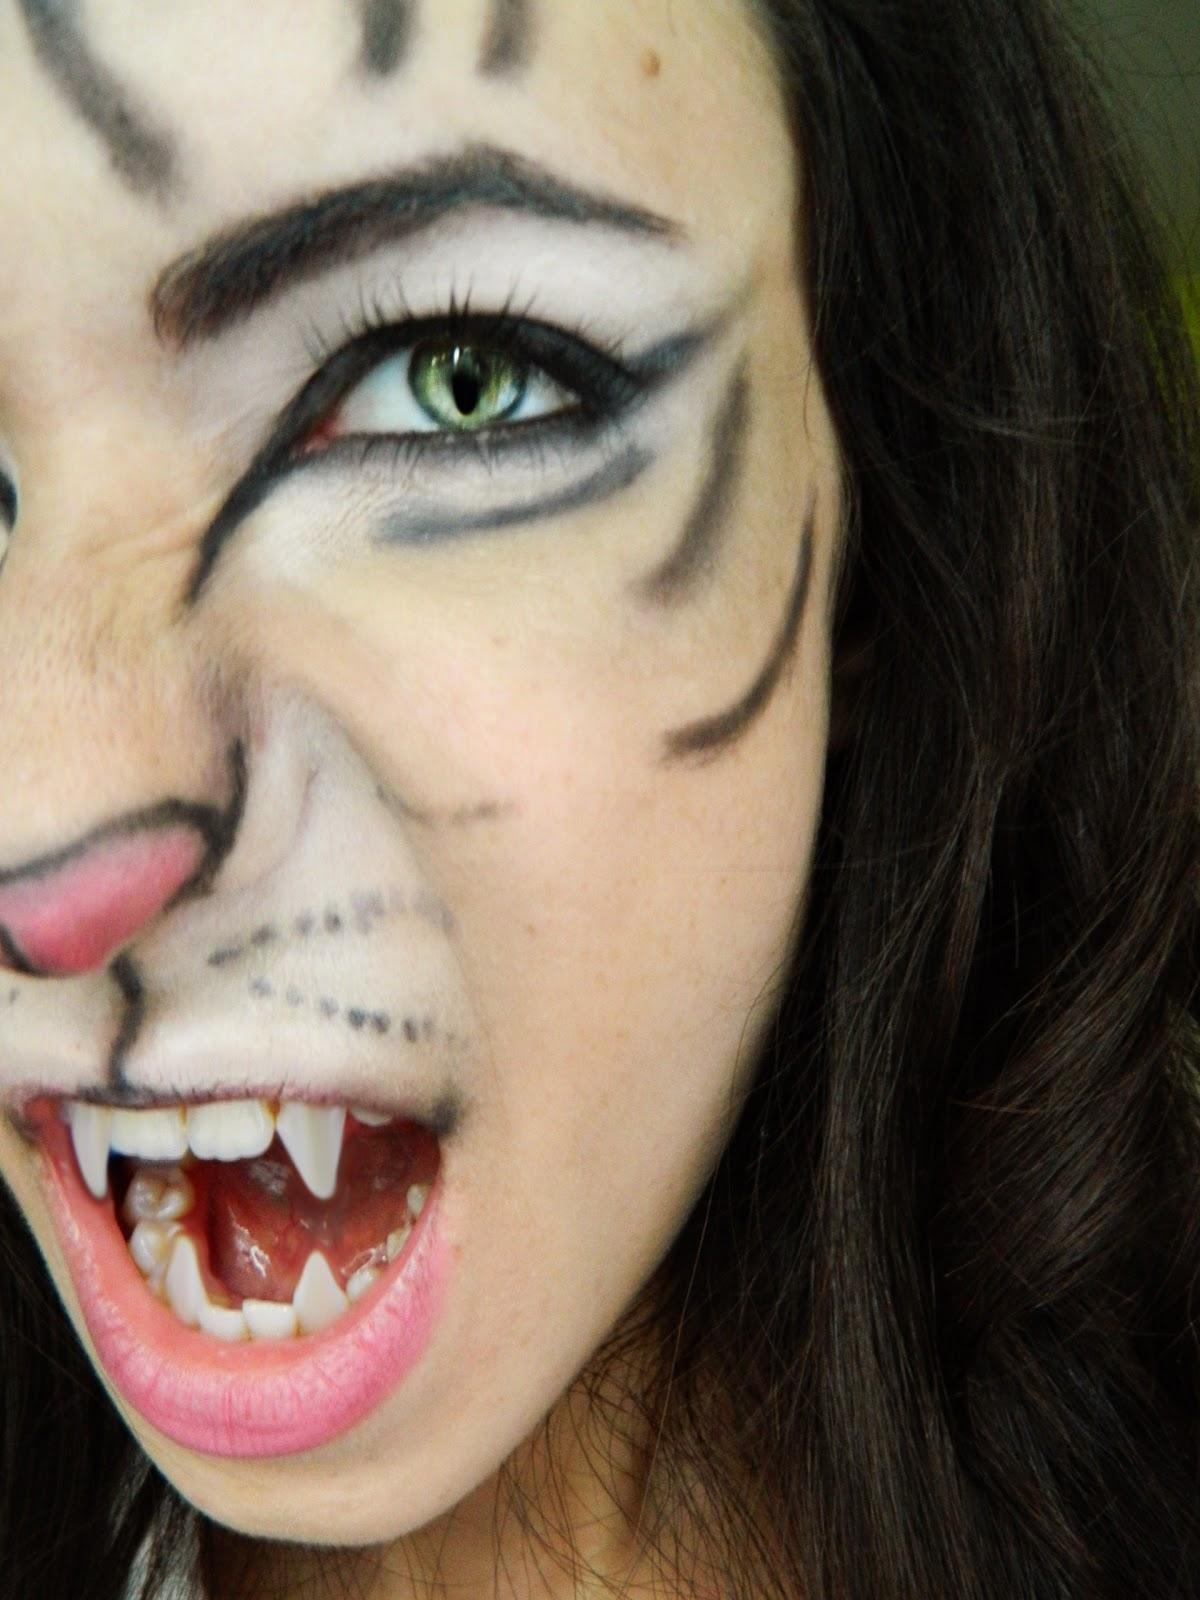 Makeup Turorials: Makeup And Art Freak: Tiger Makeup Tutorial For Halloween